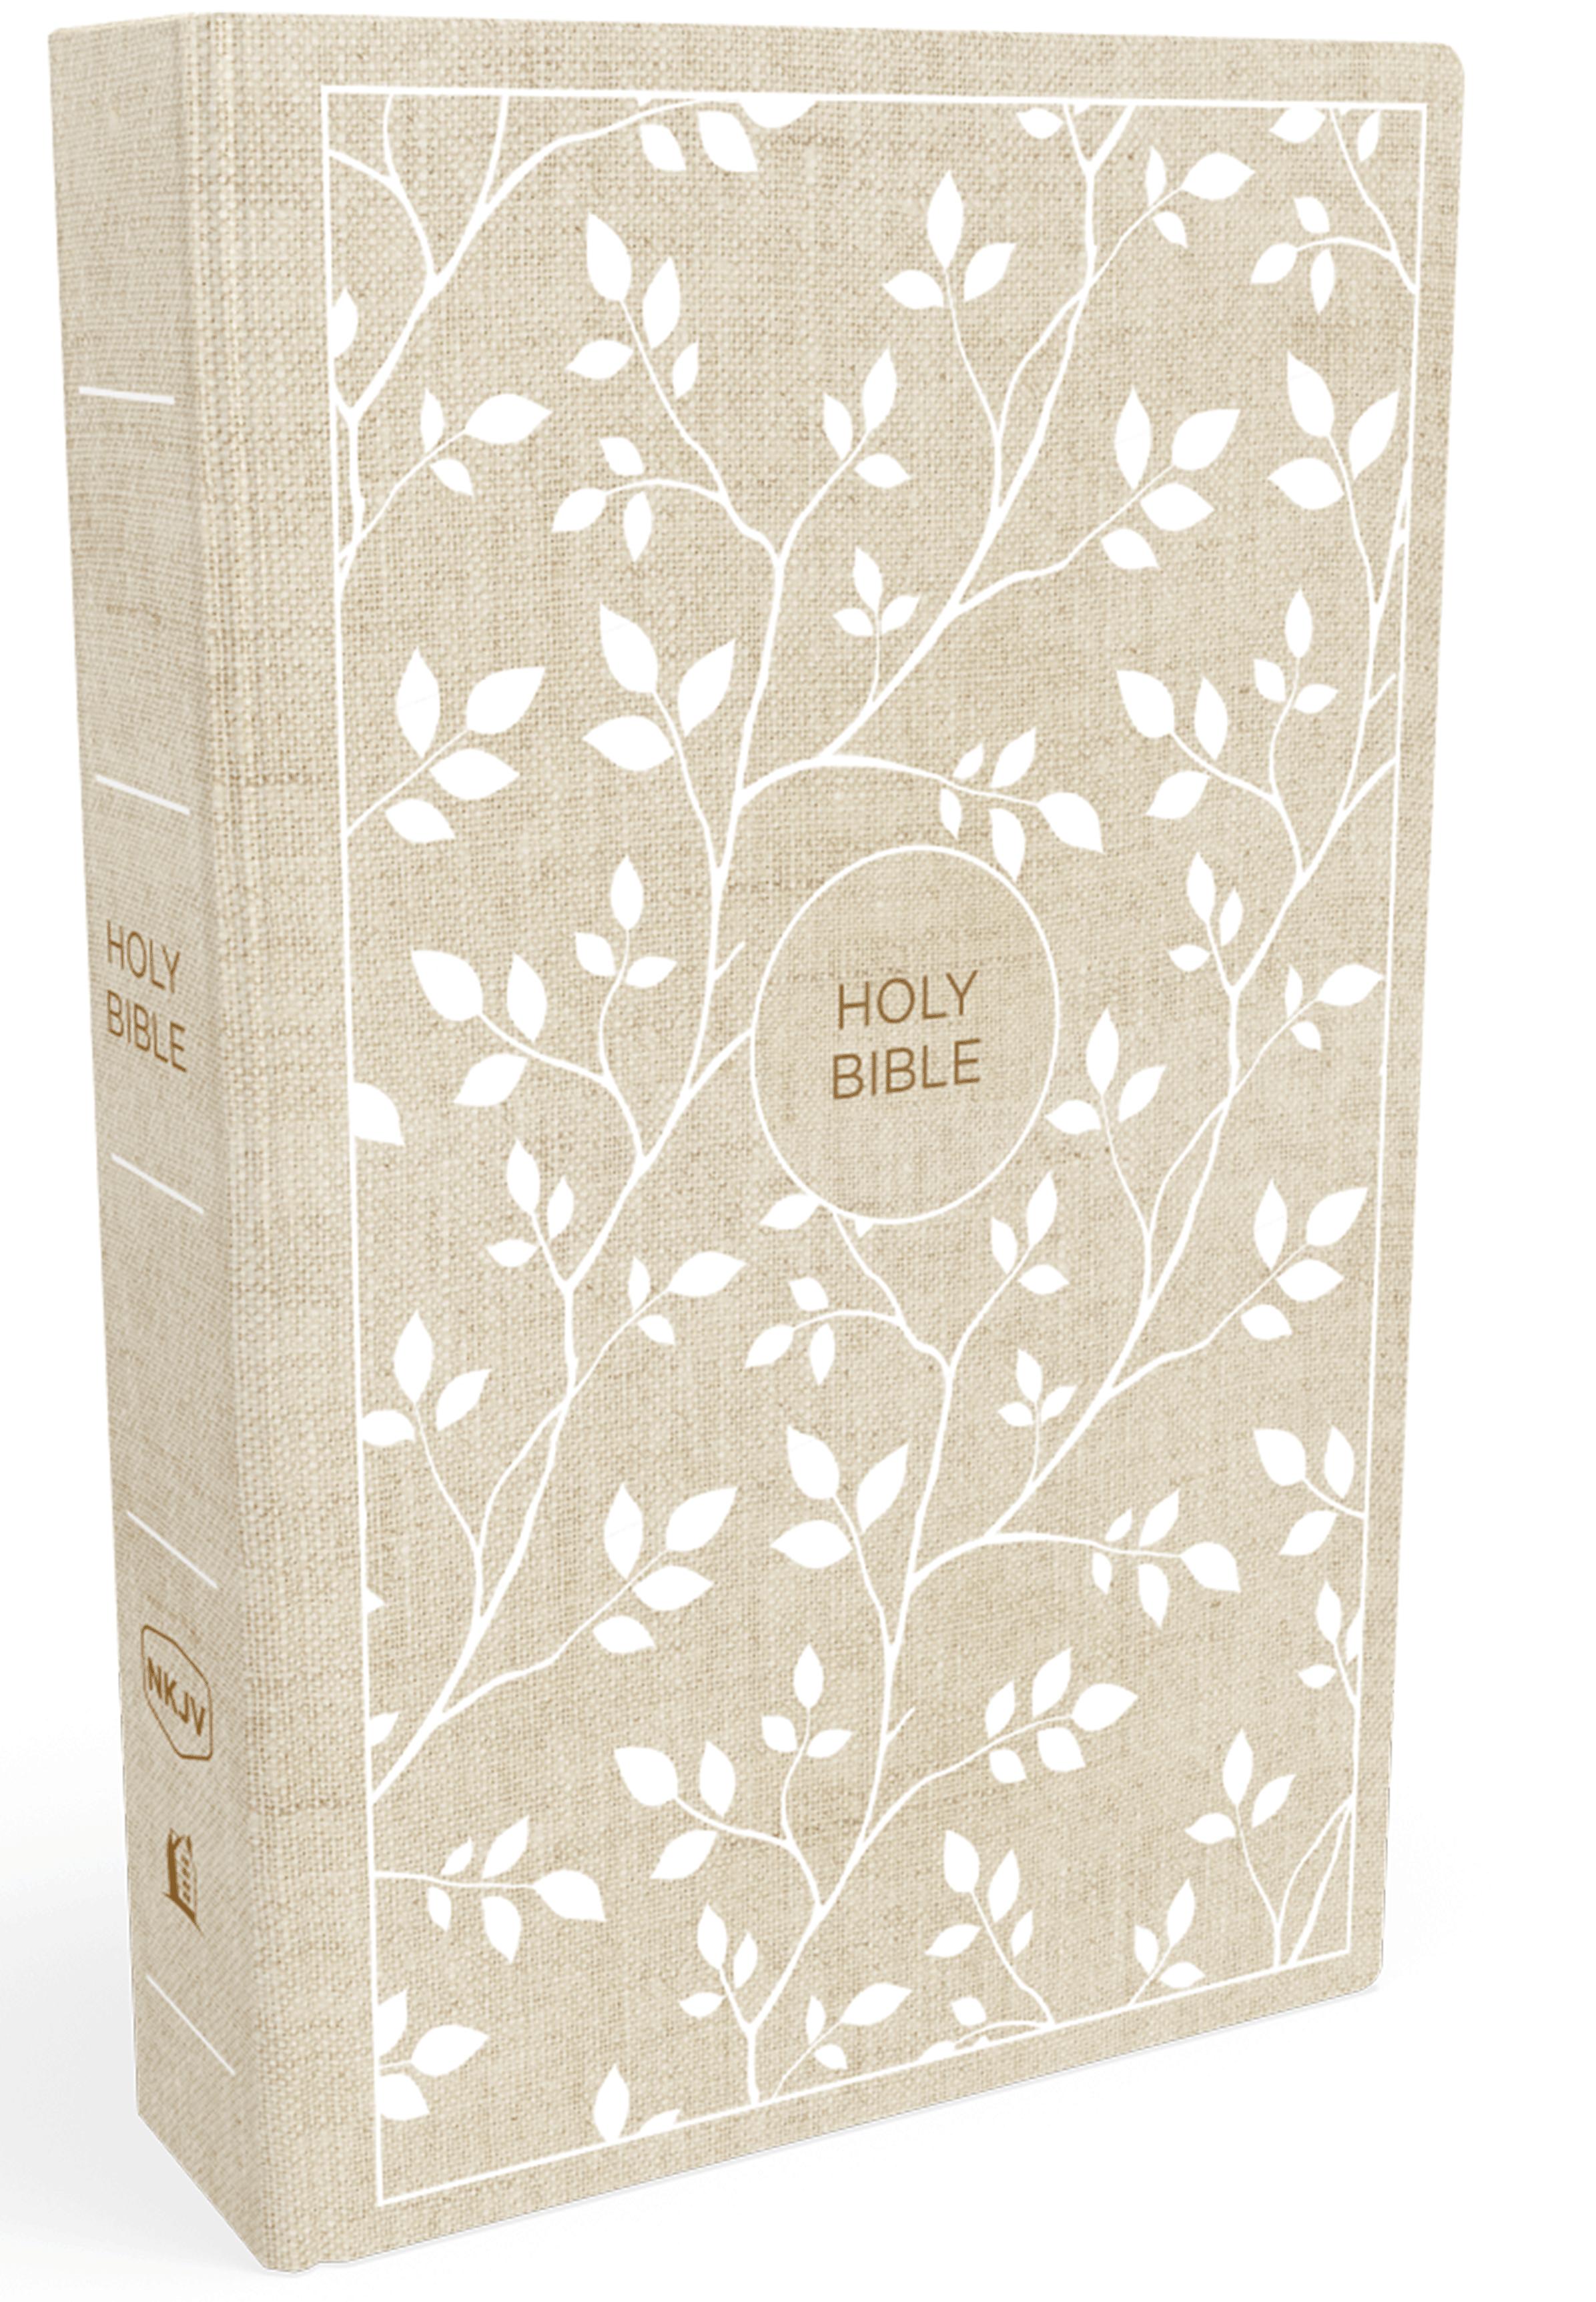 NKJV Comfort Print® Bibles - Home - Marketing Pages